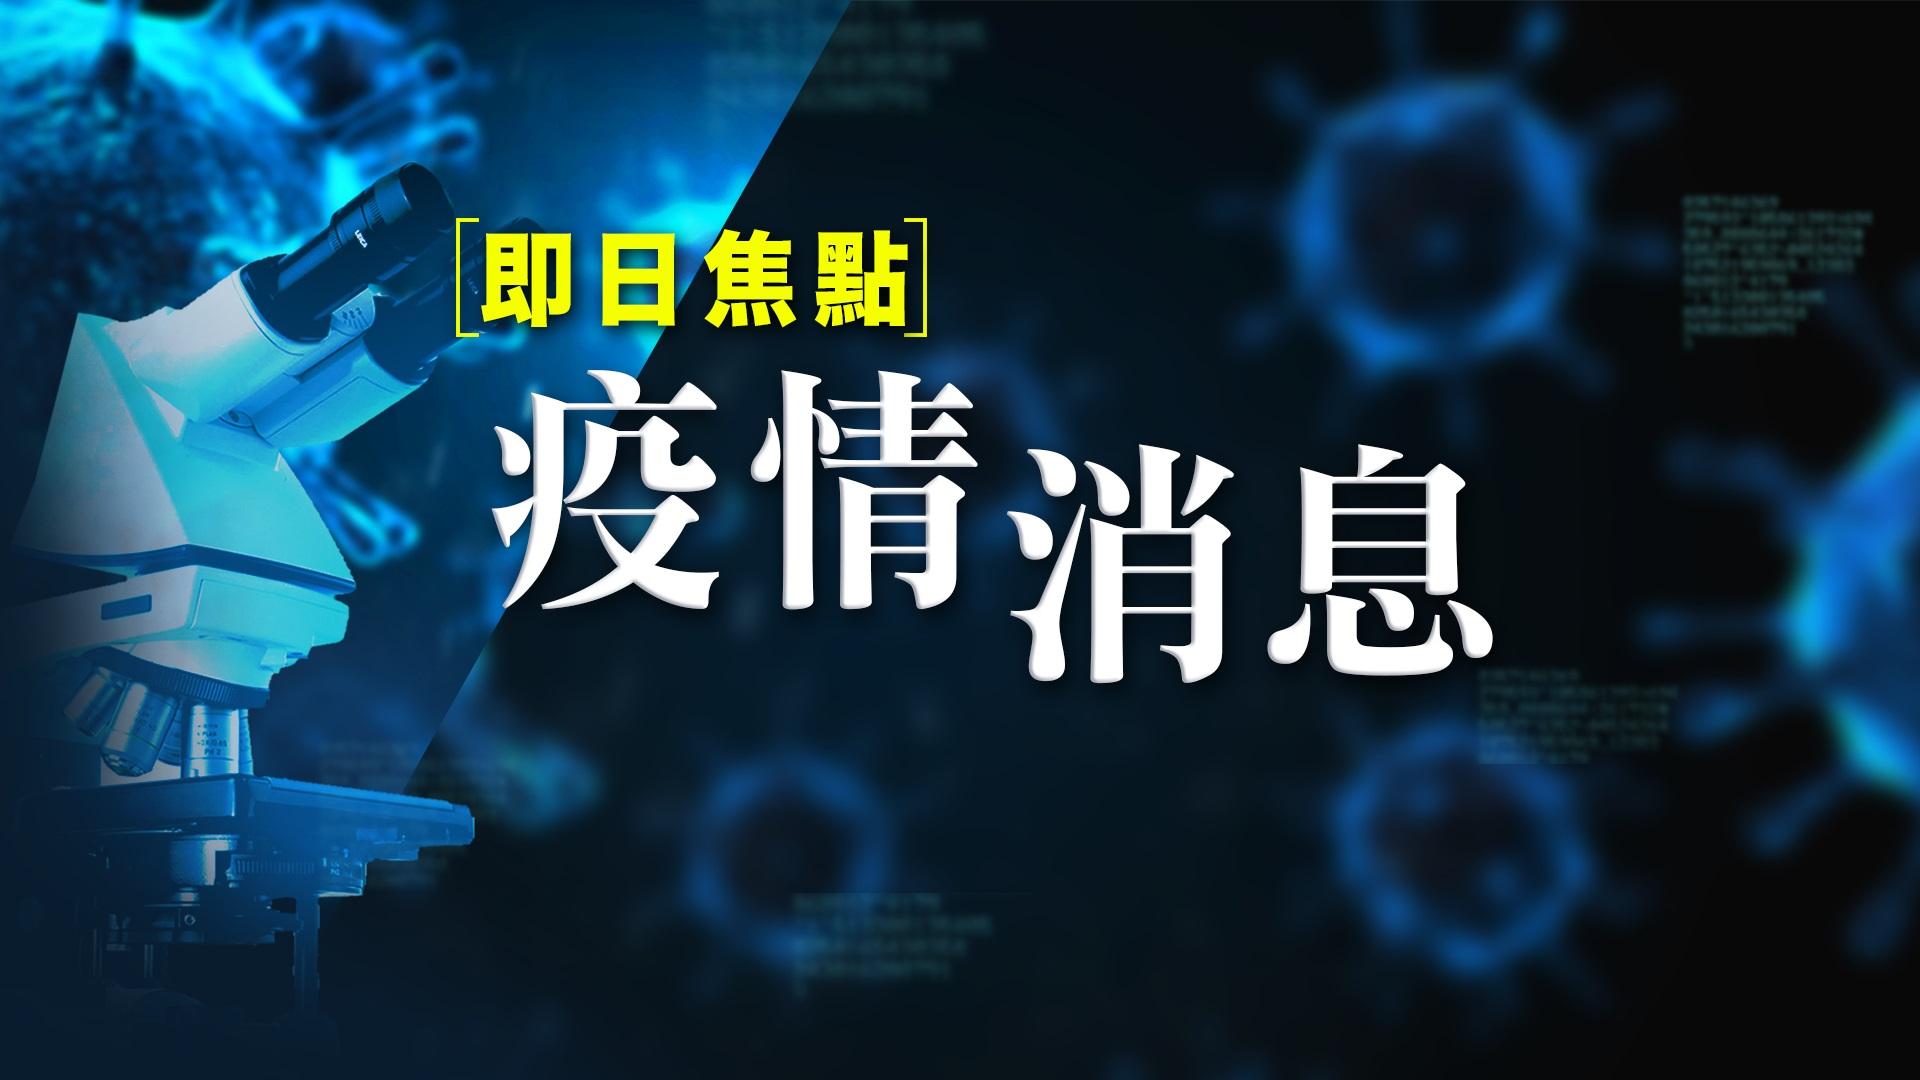 【即日焦點·疫情消息】防護中心:源頭不明個案增加 反映病毒在社區傳播;荷蘭回收數十萬個不合標準中國製口罩